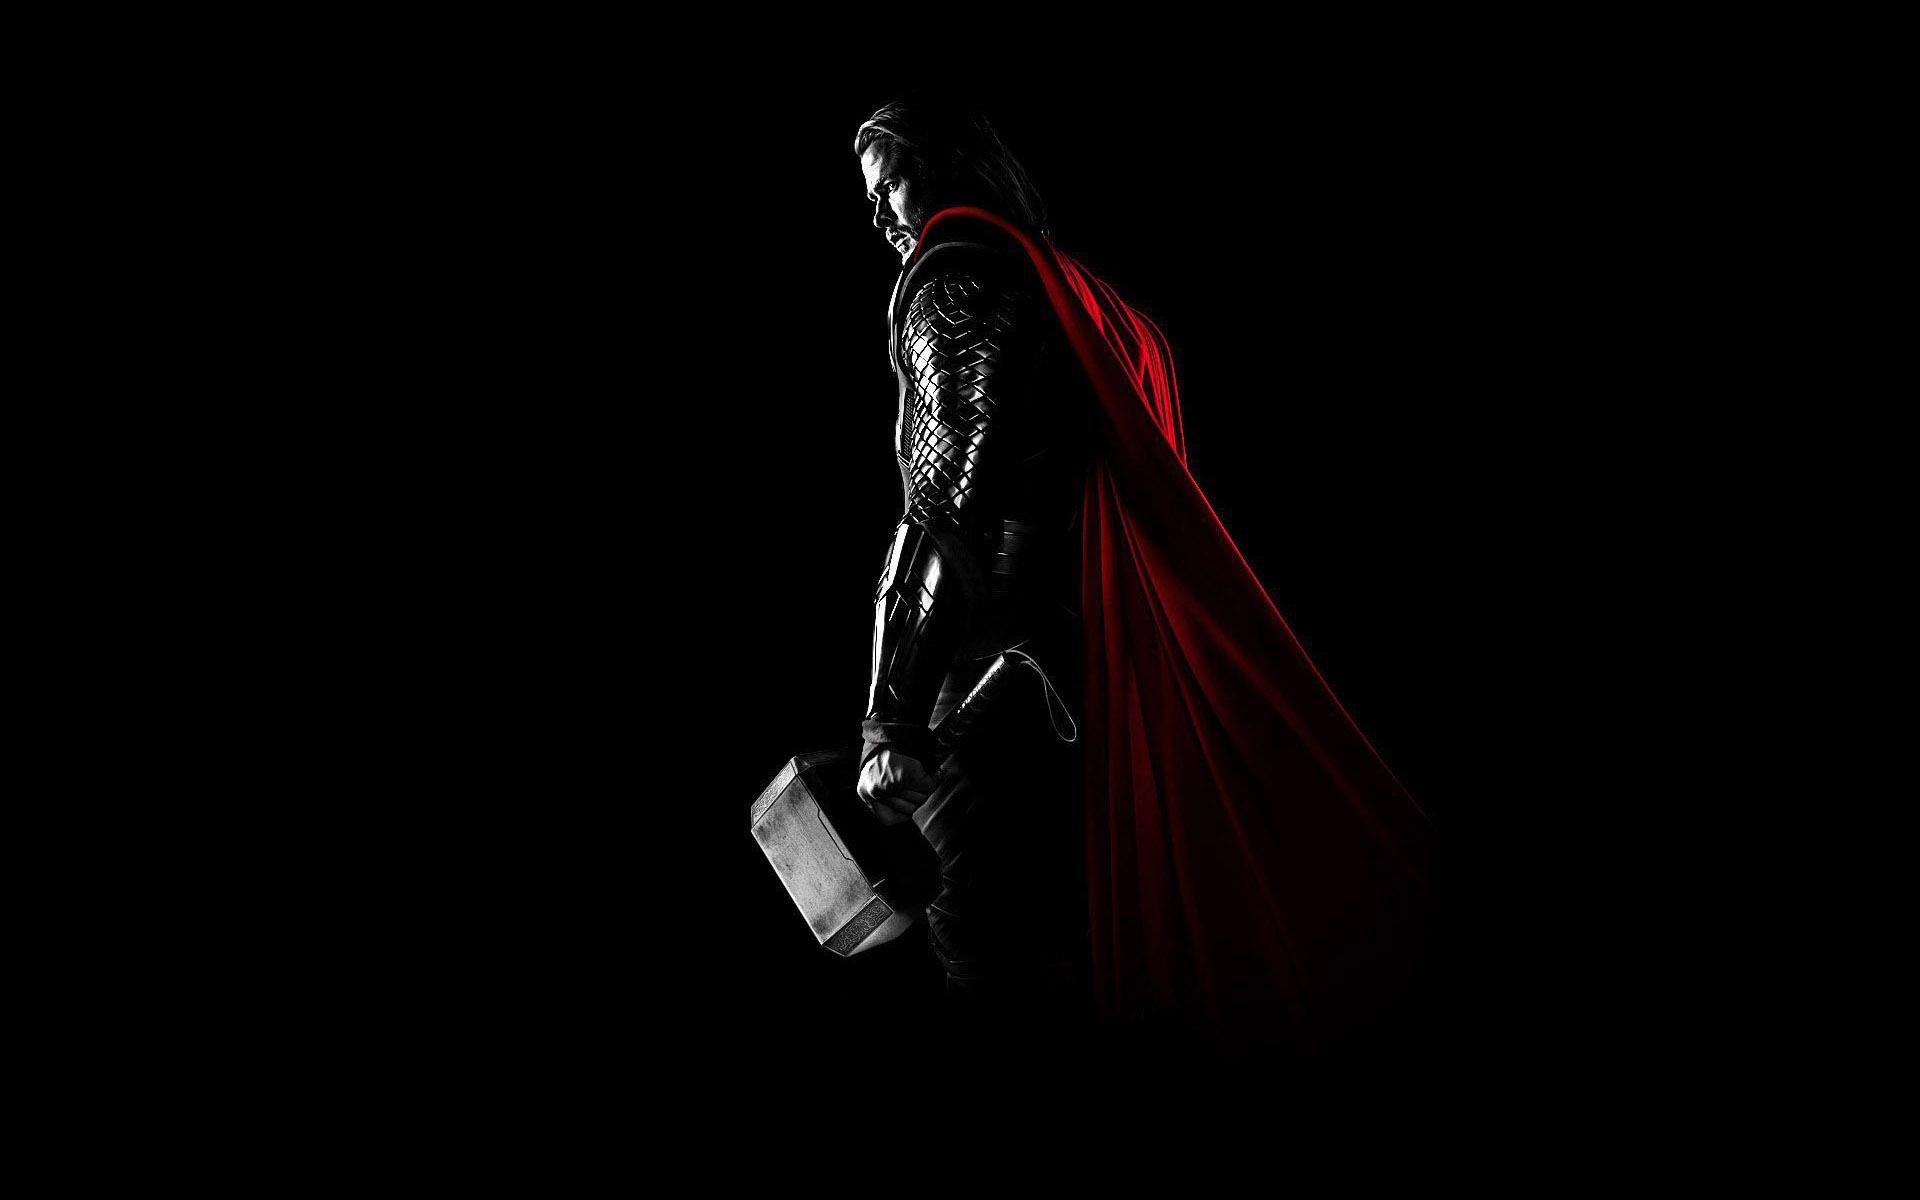 Free Thor Movie Wallpaper Desktop H813772